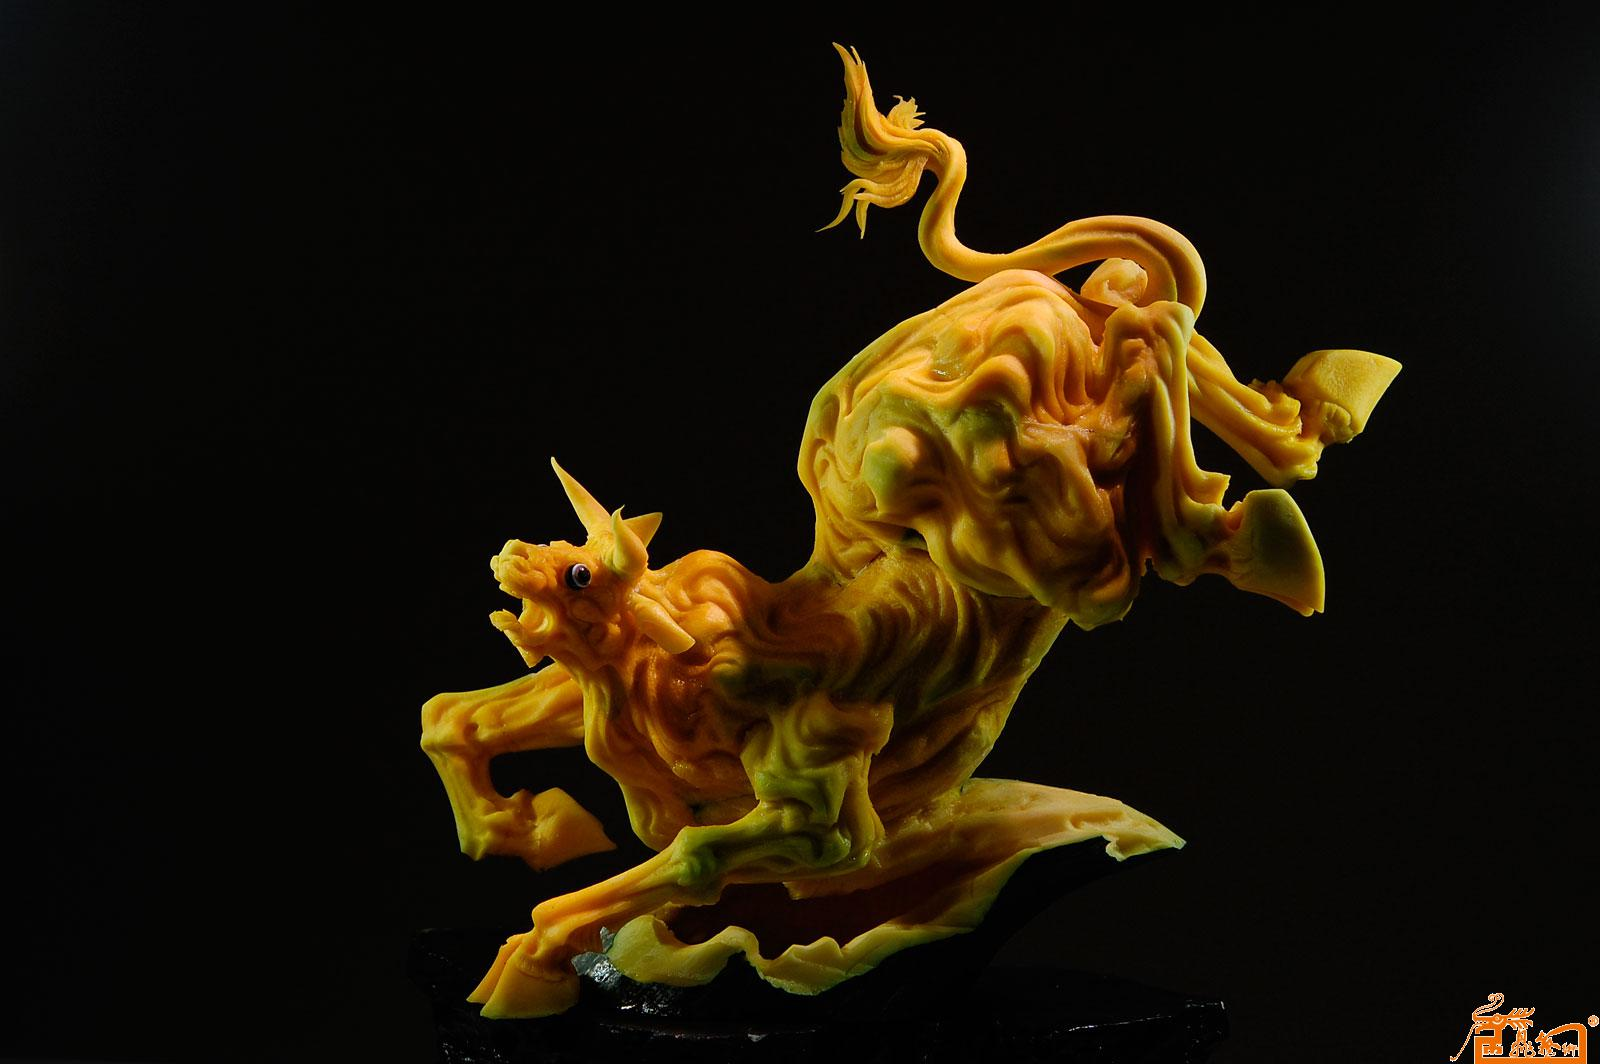 名家 孔令海 国画 - 食品雕刻动物作品-作品:《牛》 原料:南瓜